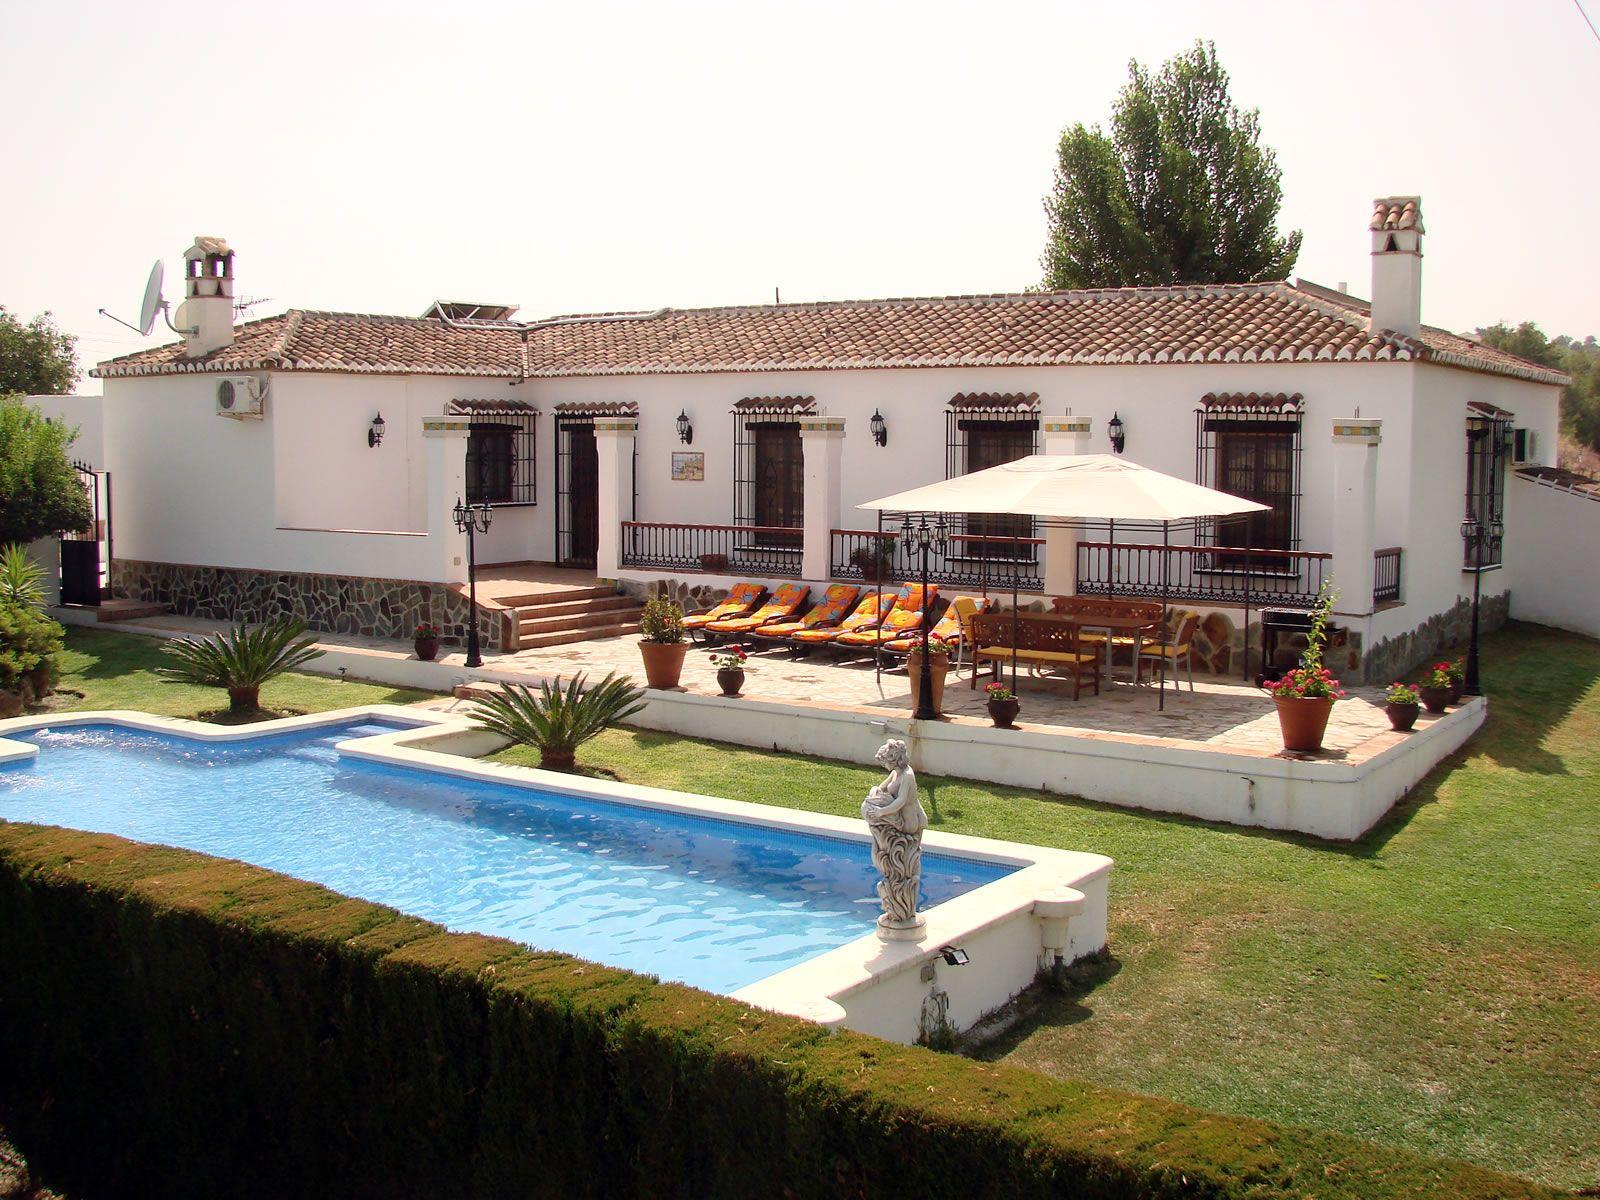 Casas andaluzas de campo buscar con google casas de for Fotos de fachadas de casas andaluzas